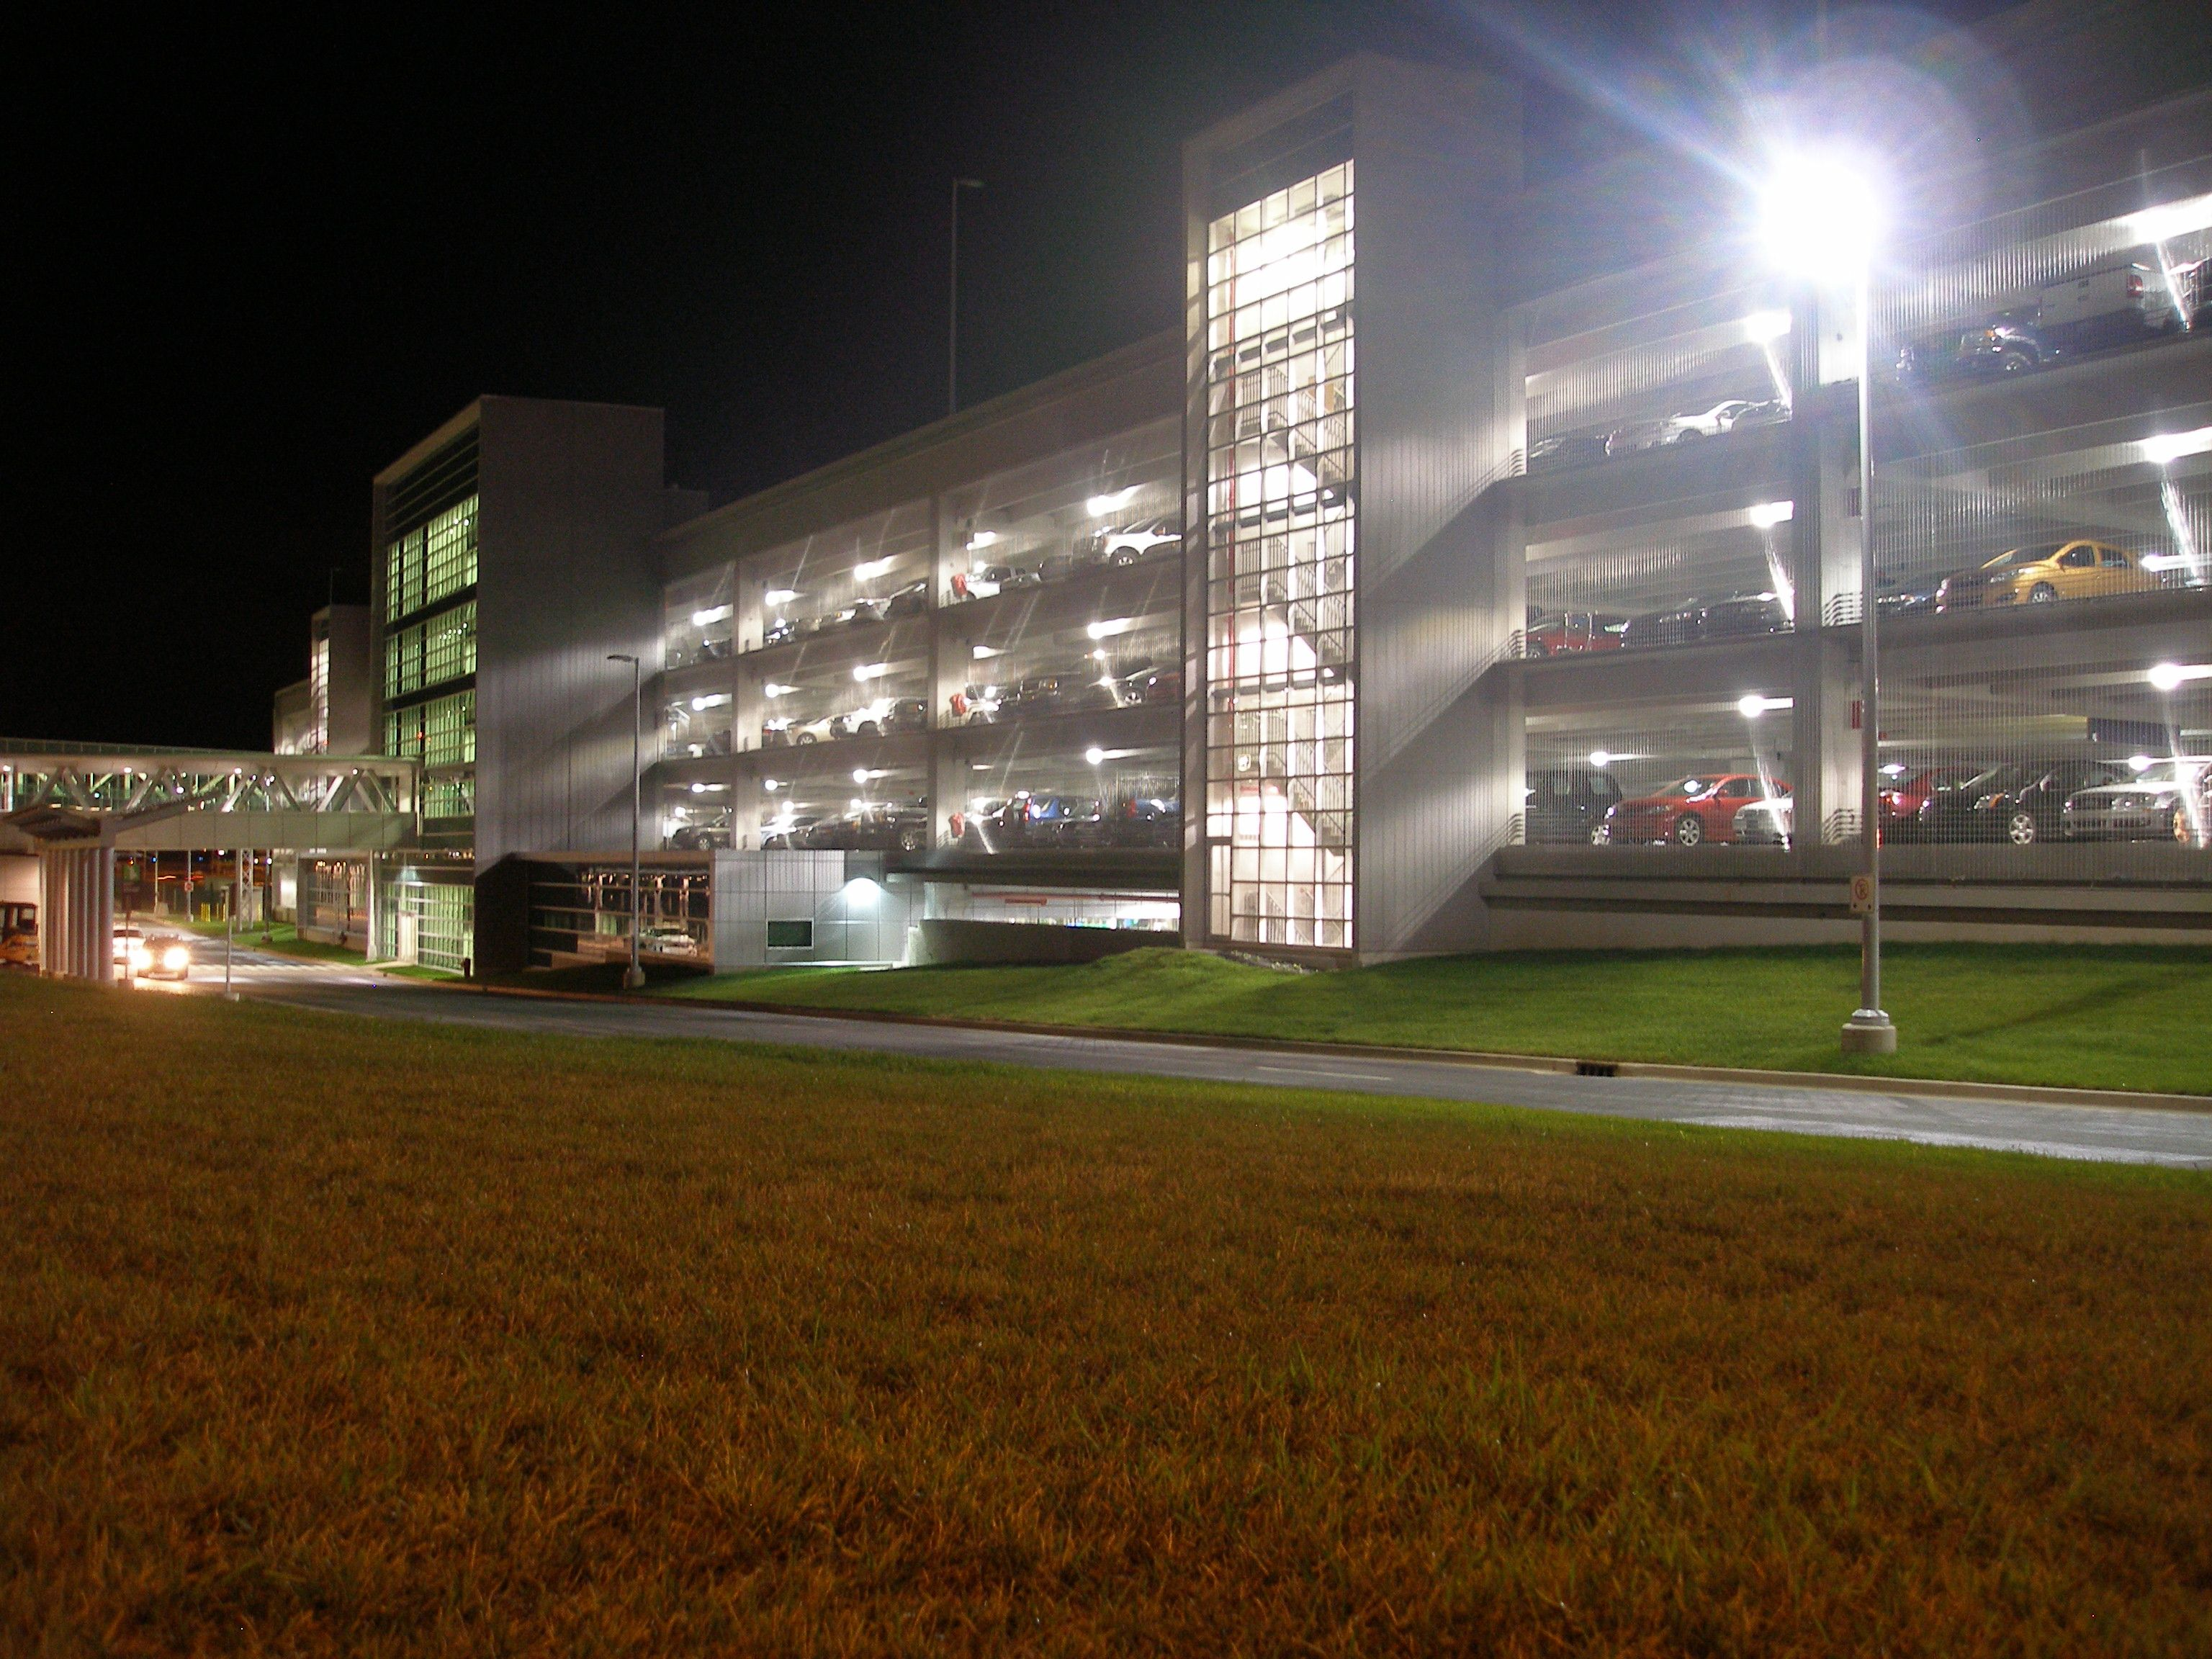 Tyler Mesh Parking Garage Facade Exteriors Halifax Stanfield International Airport